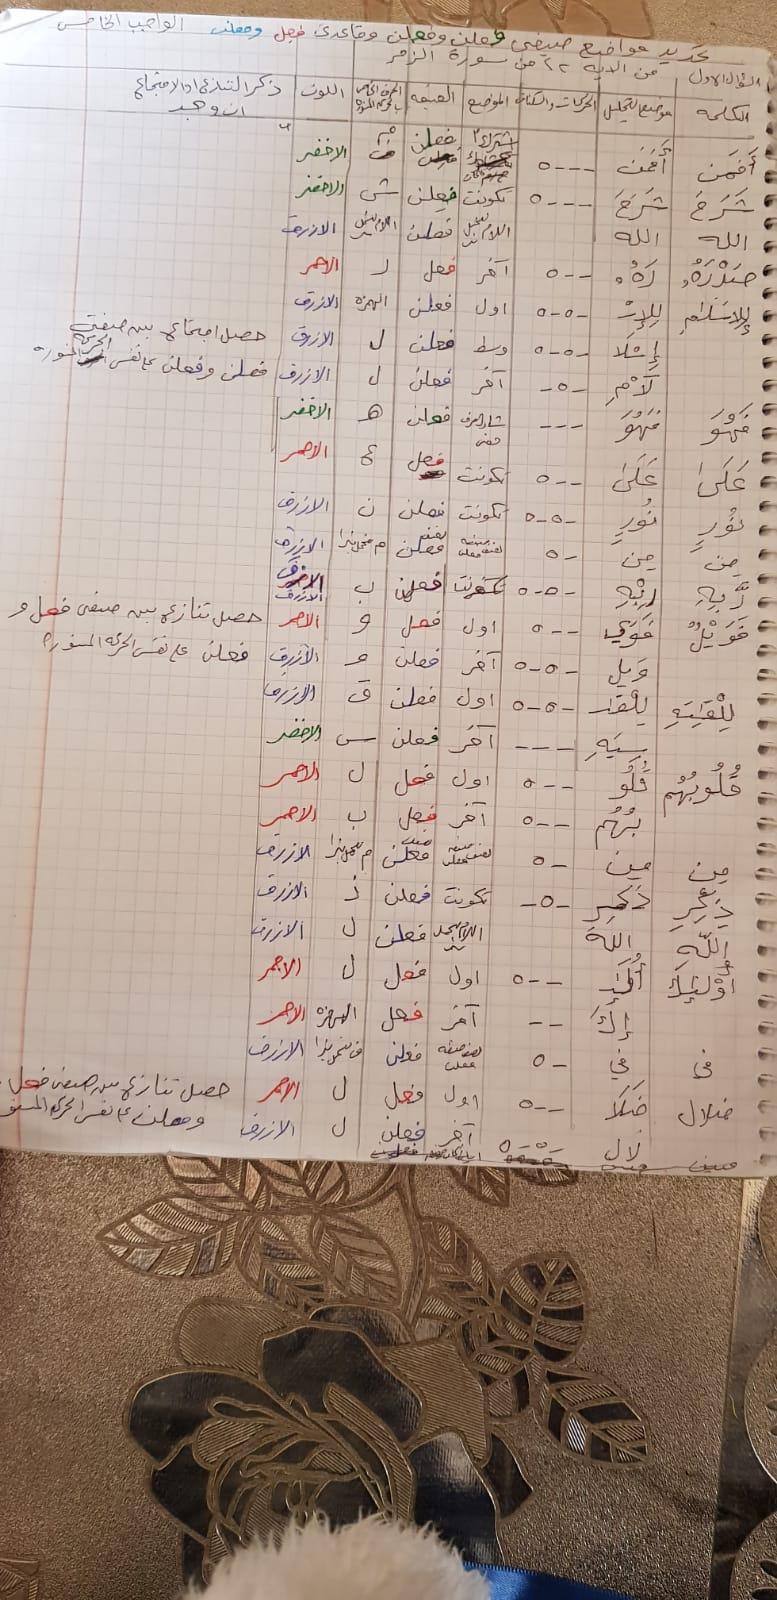 الواجب الخامس / الدورة الخامسة O_oc_a26